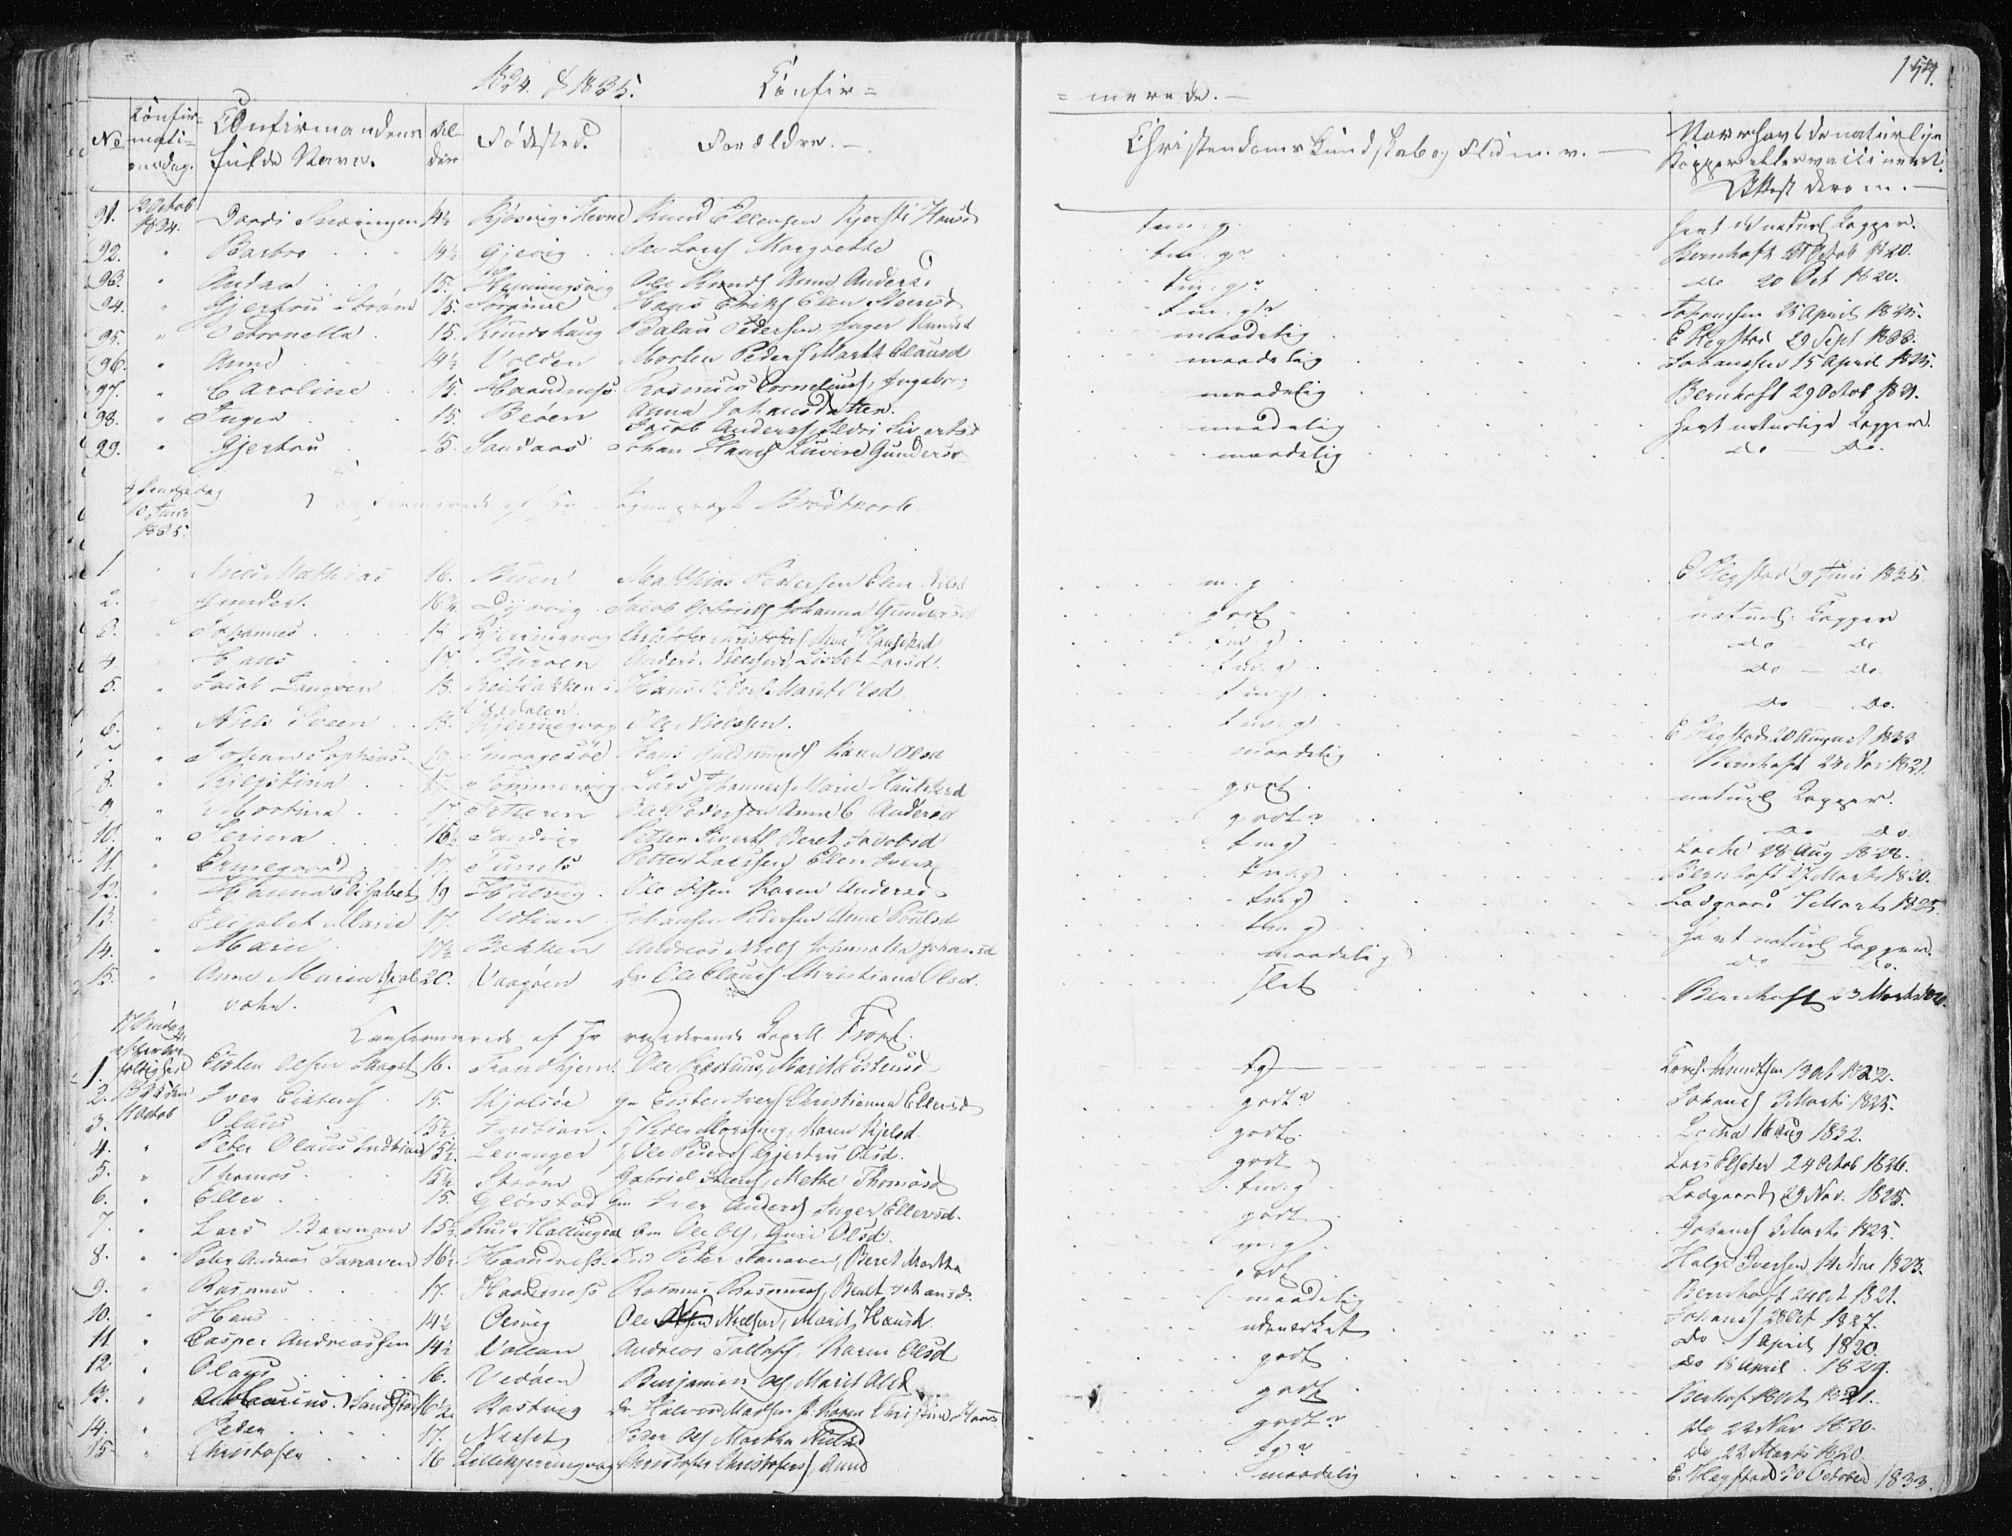 SAT, Ministerialprotokoller, klokkerbøker og fødselsregistre - Sør-Trøndelag, 634/L0528: Ministerialbok nr. 634A04, 1827-1842, s. 154